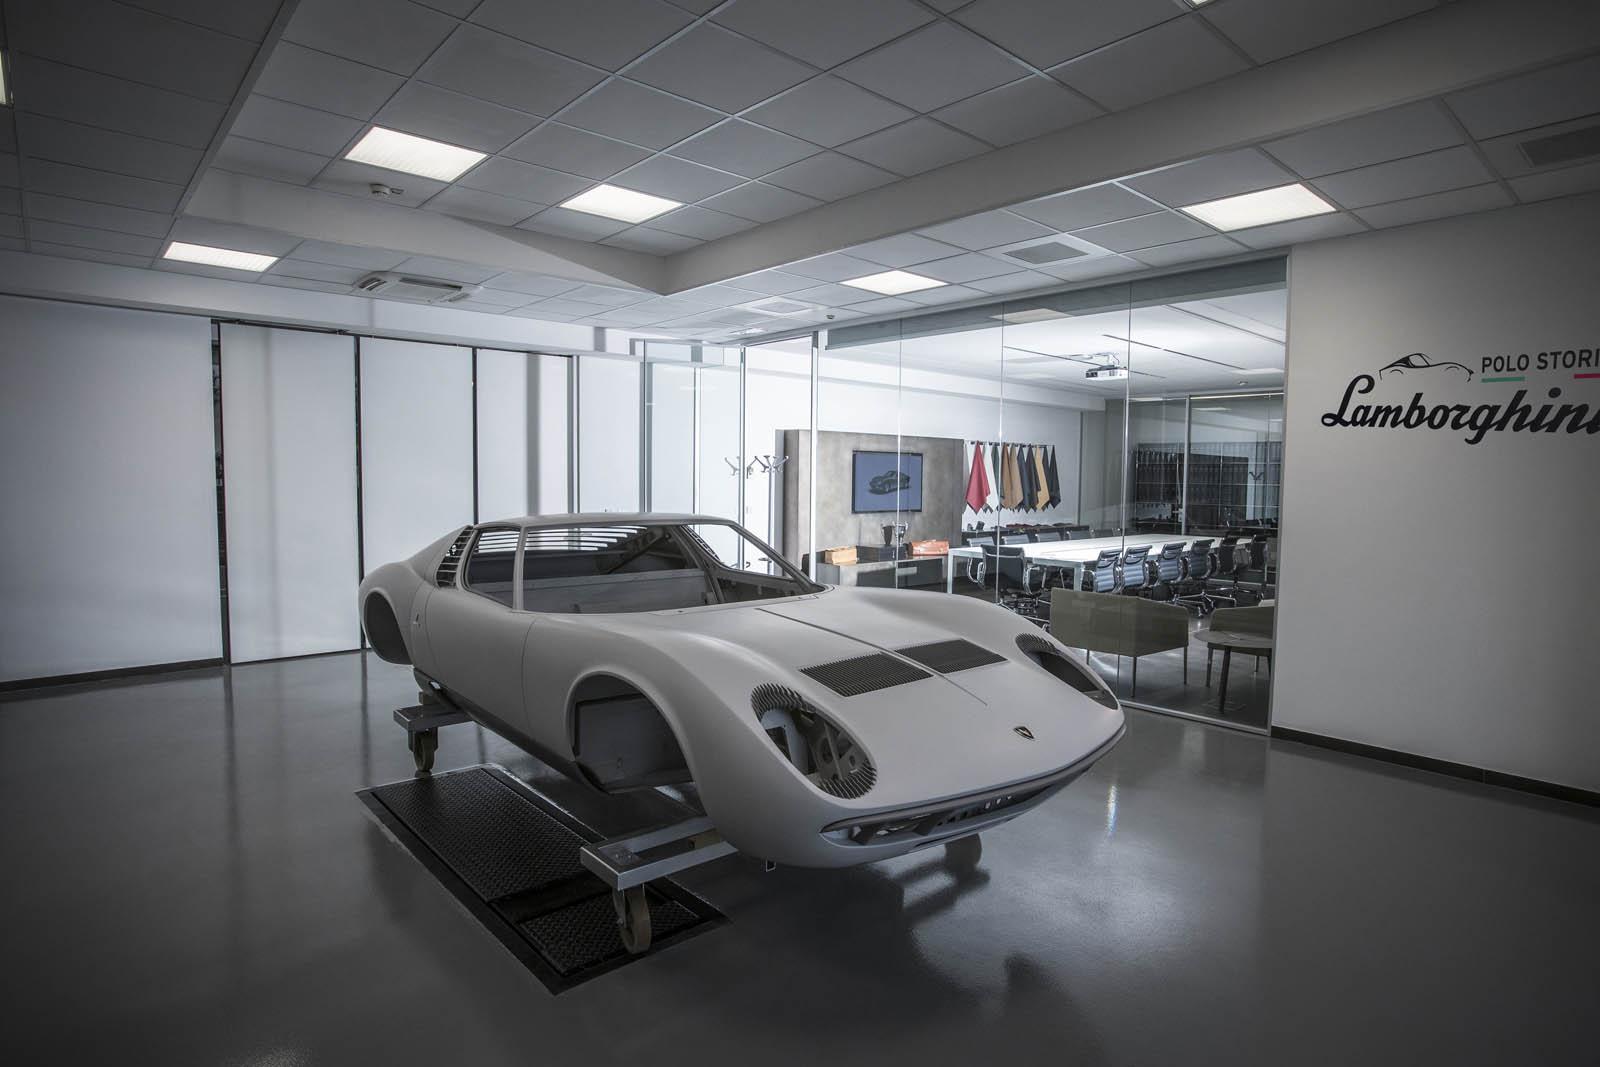 Lamborghini PoloStorico (1)